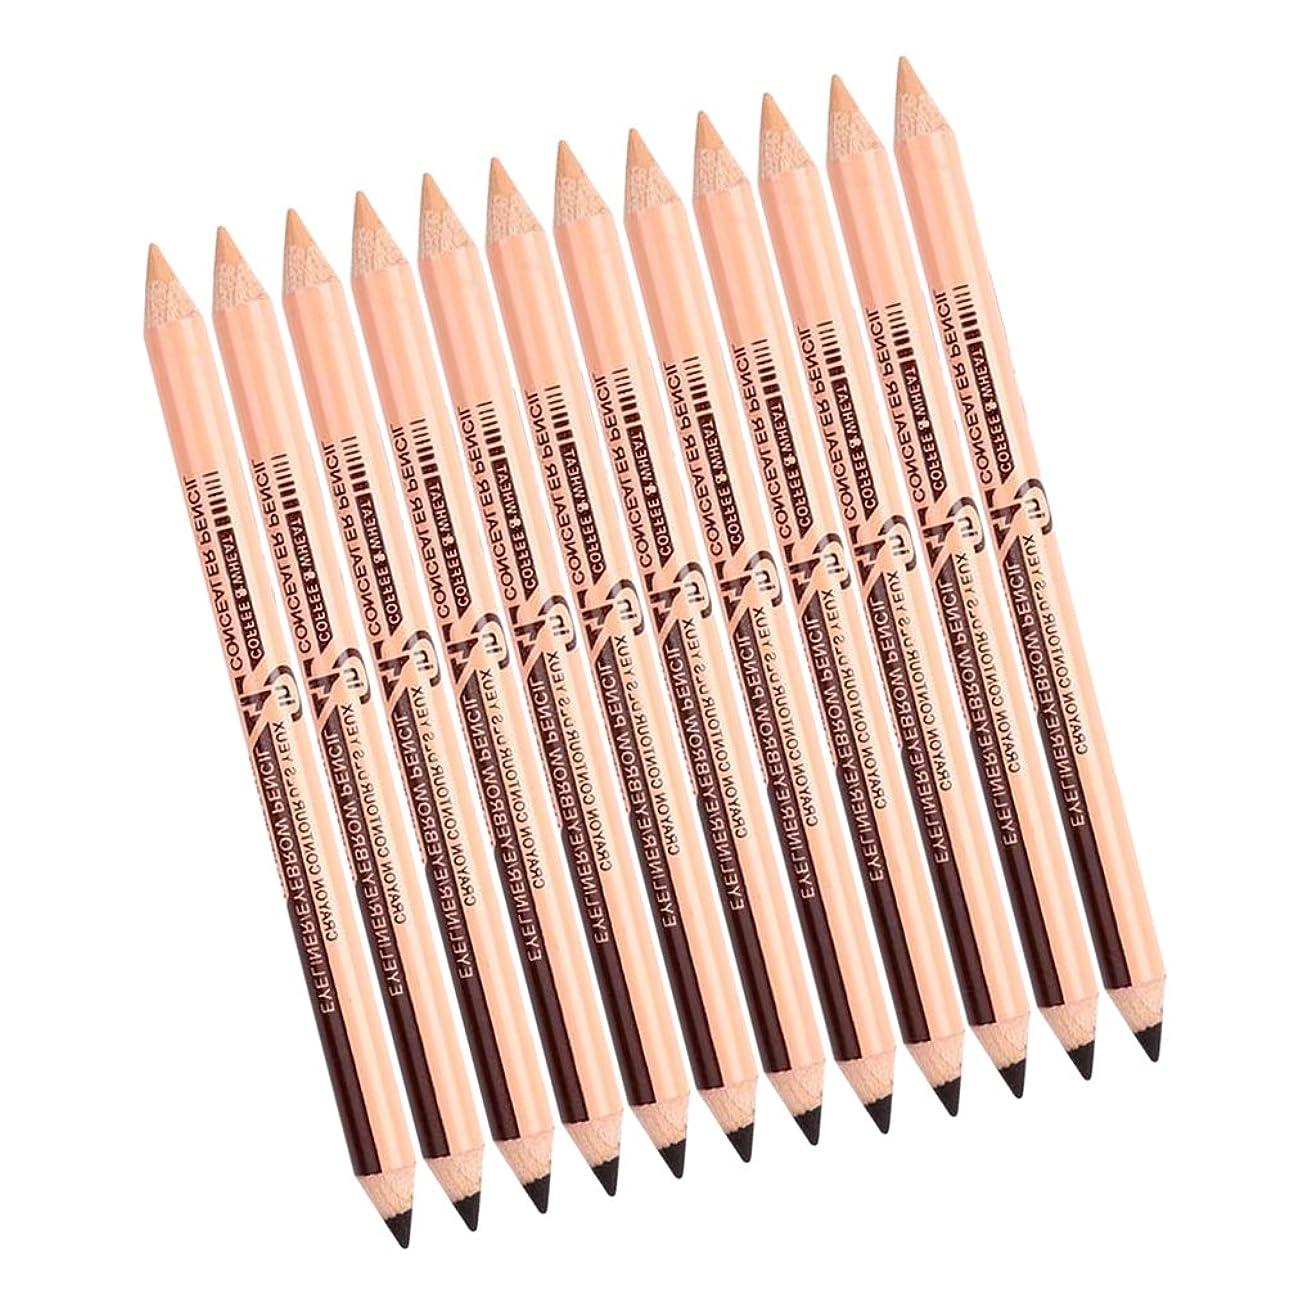 チューリップ震え横メイクペンペンシル アイライナーペンシル アイブローペンシル コンシーラーペンシル 両面 多機能 便利 全3色セット - ディープブラウン+スキンカラー